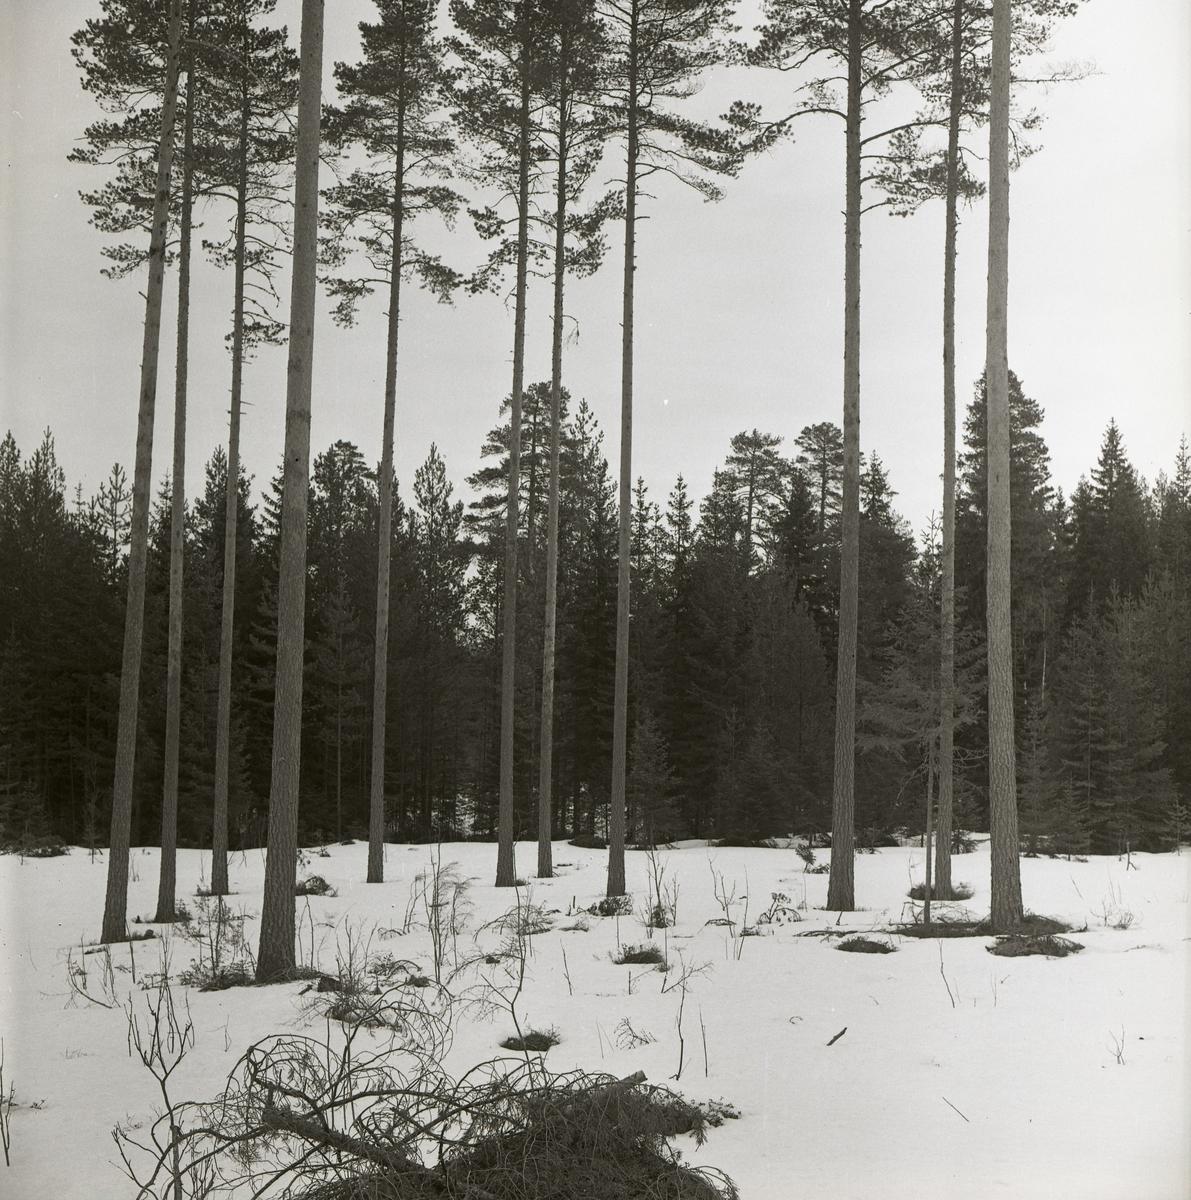 En grupp tallar med långa stammar vid Toresslätten, 1962.